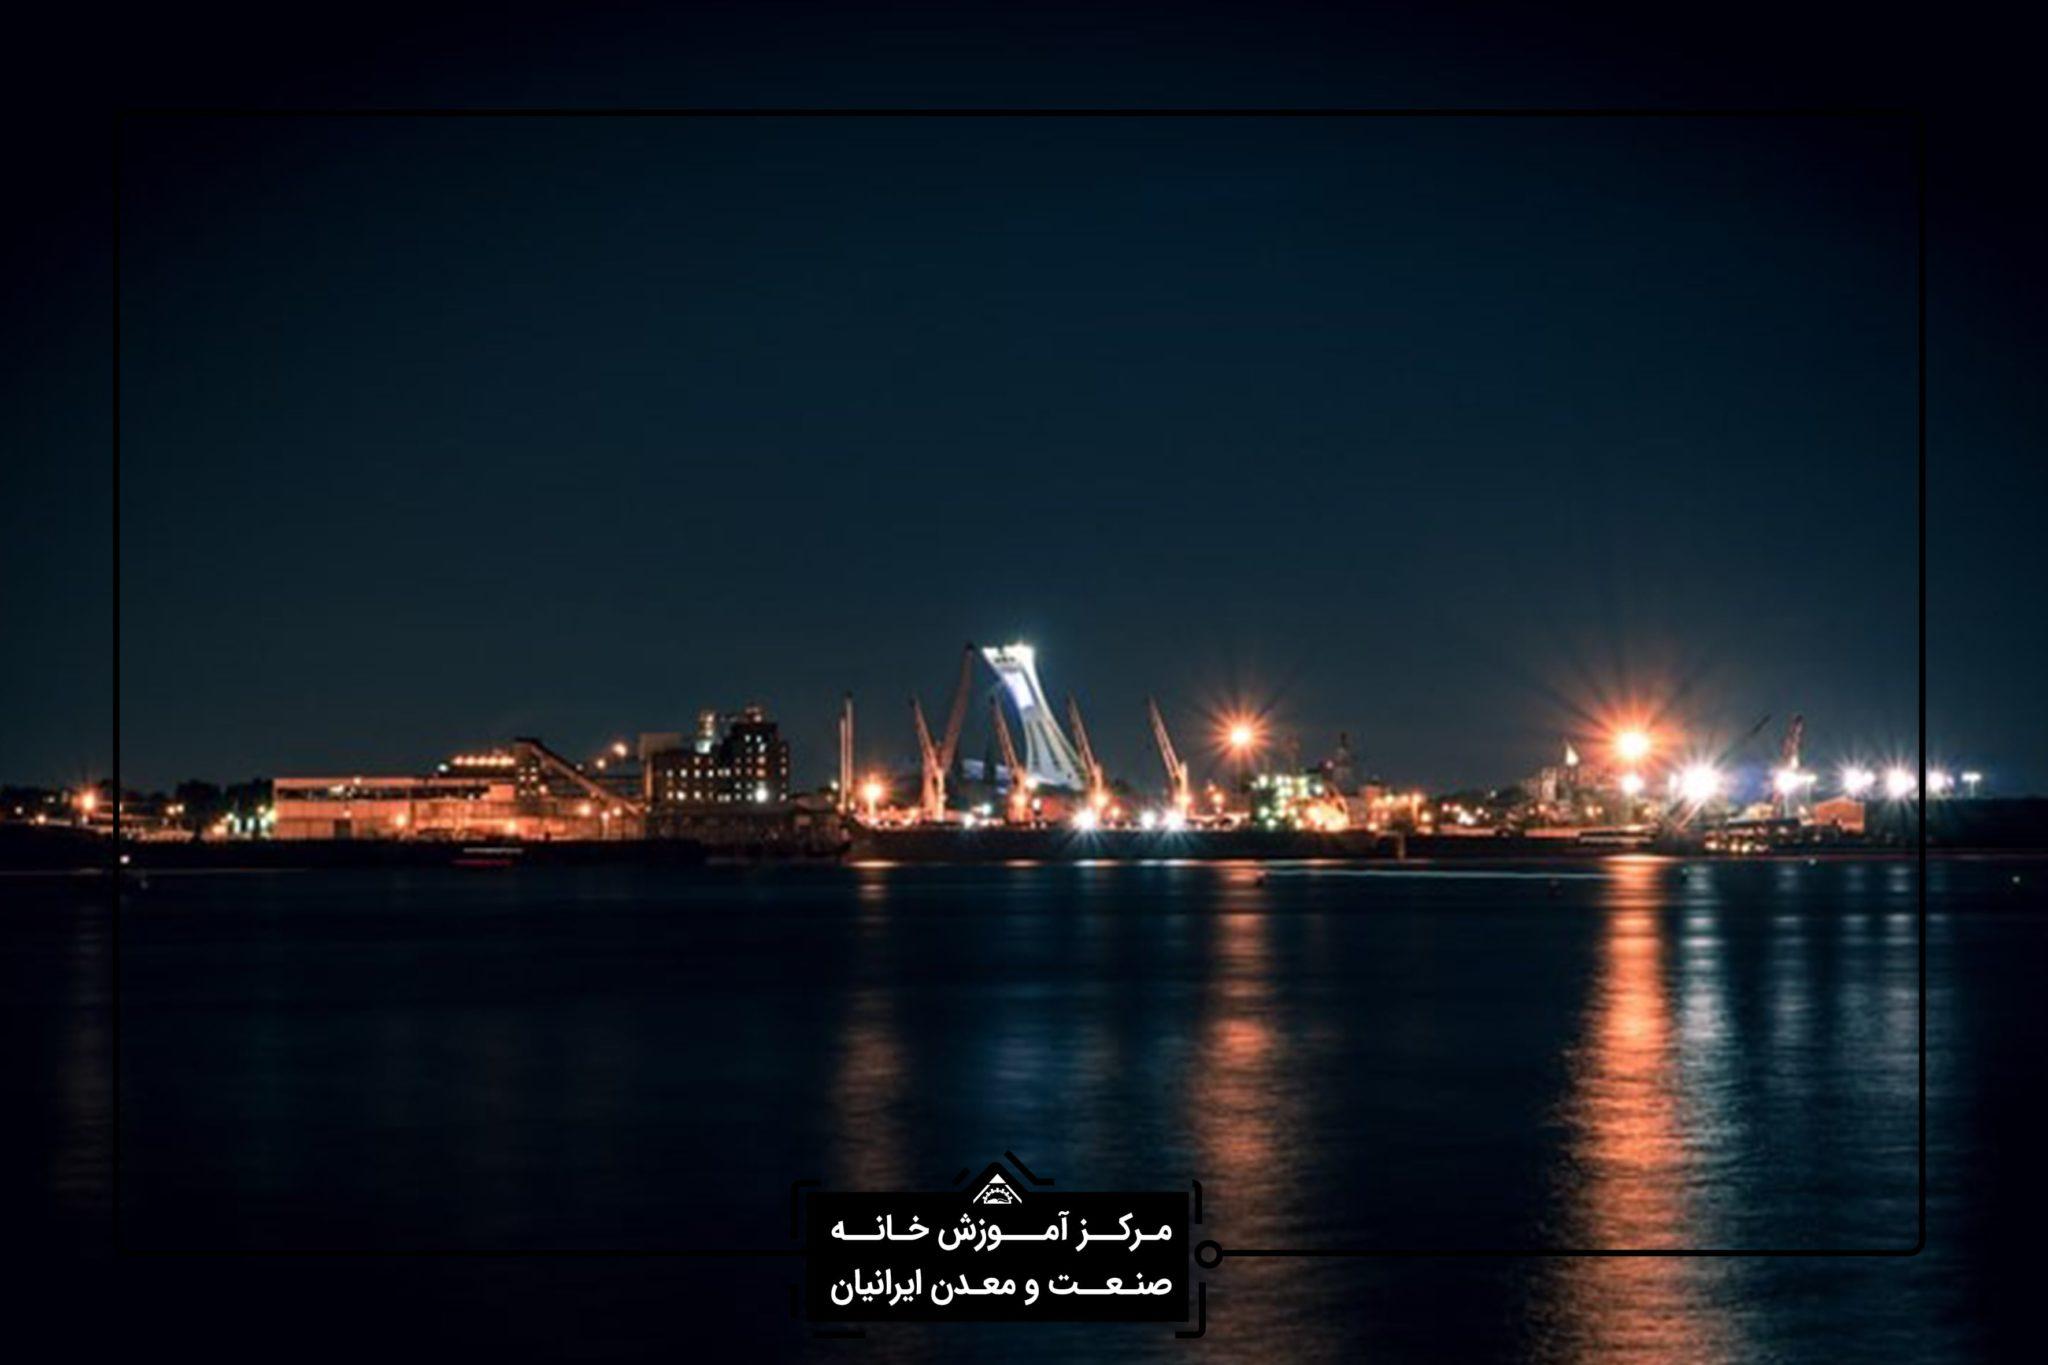 ادیت عکس در شیراز - آموزش عکاسی تخصصی در شیراز